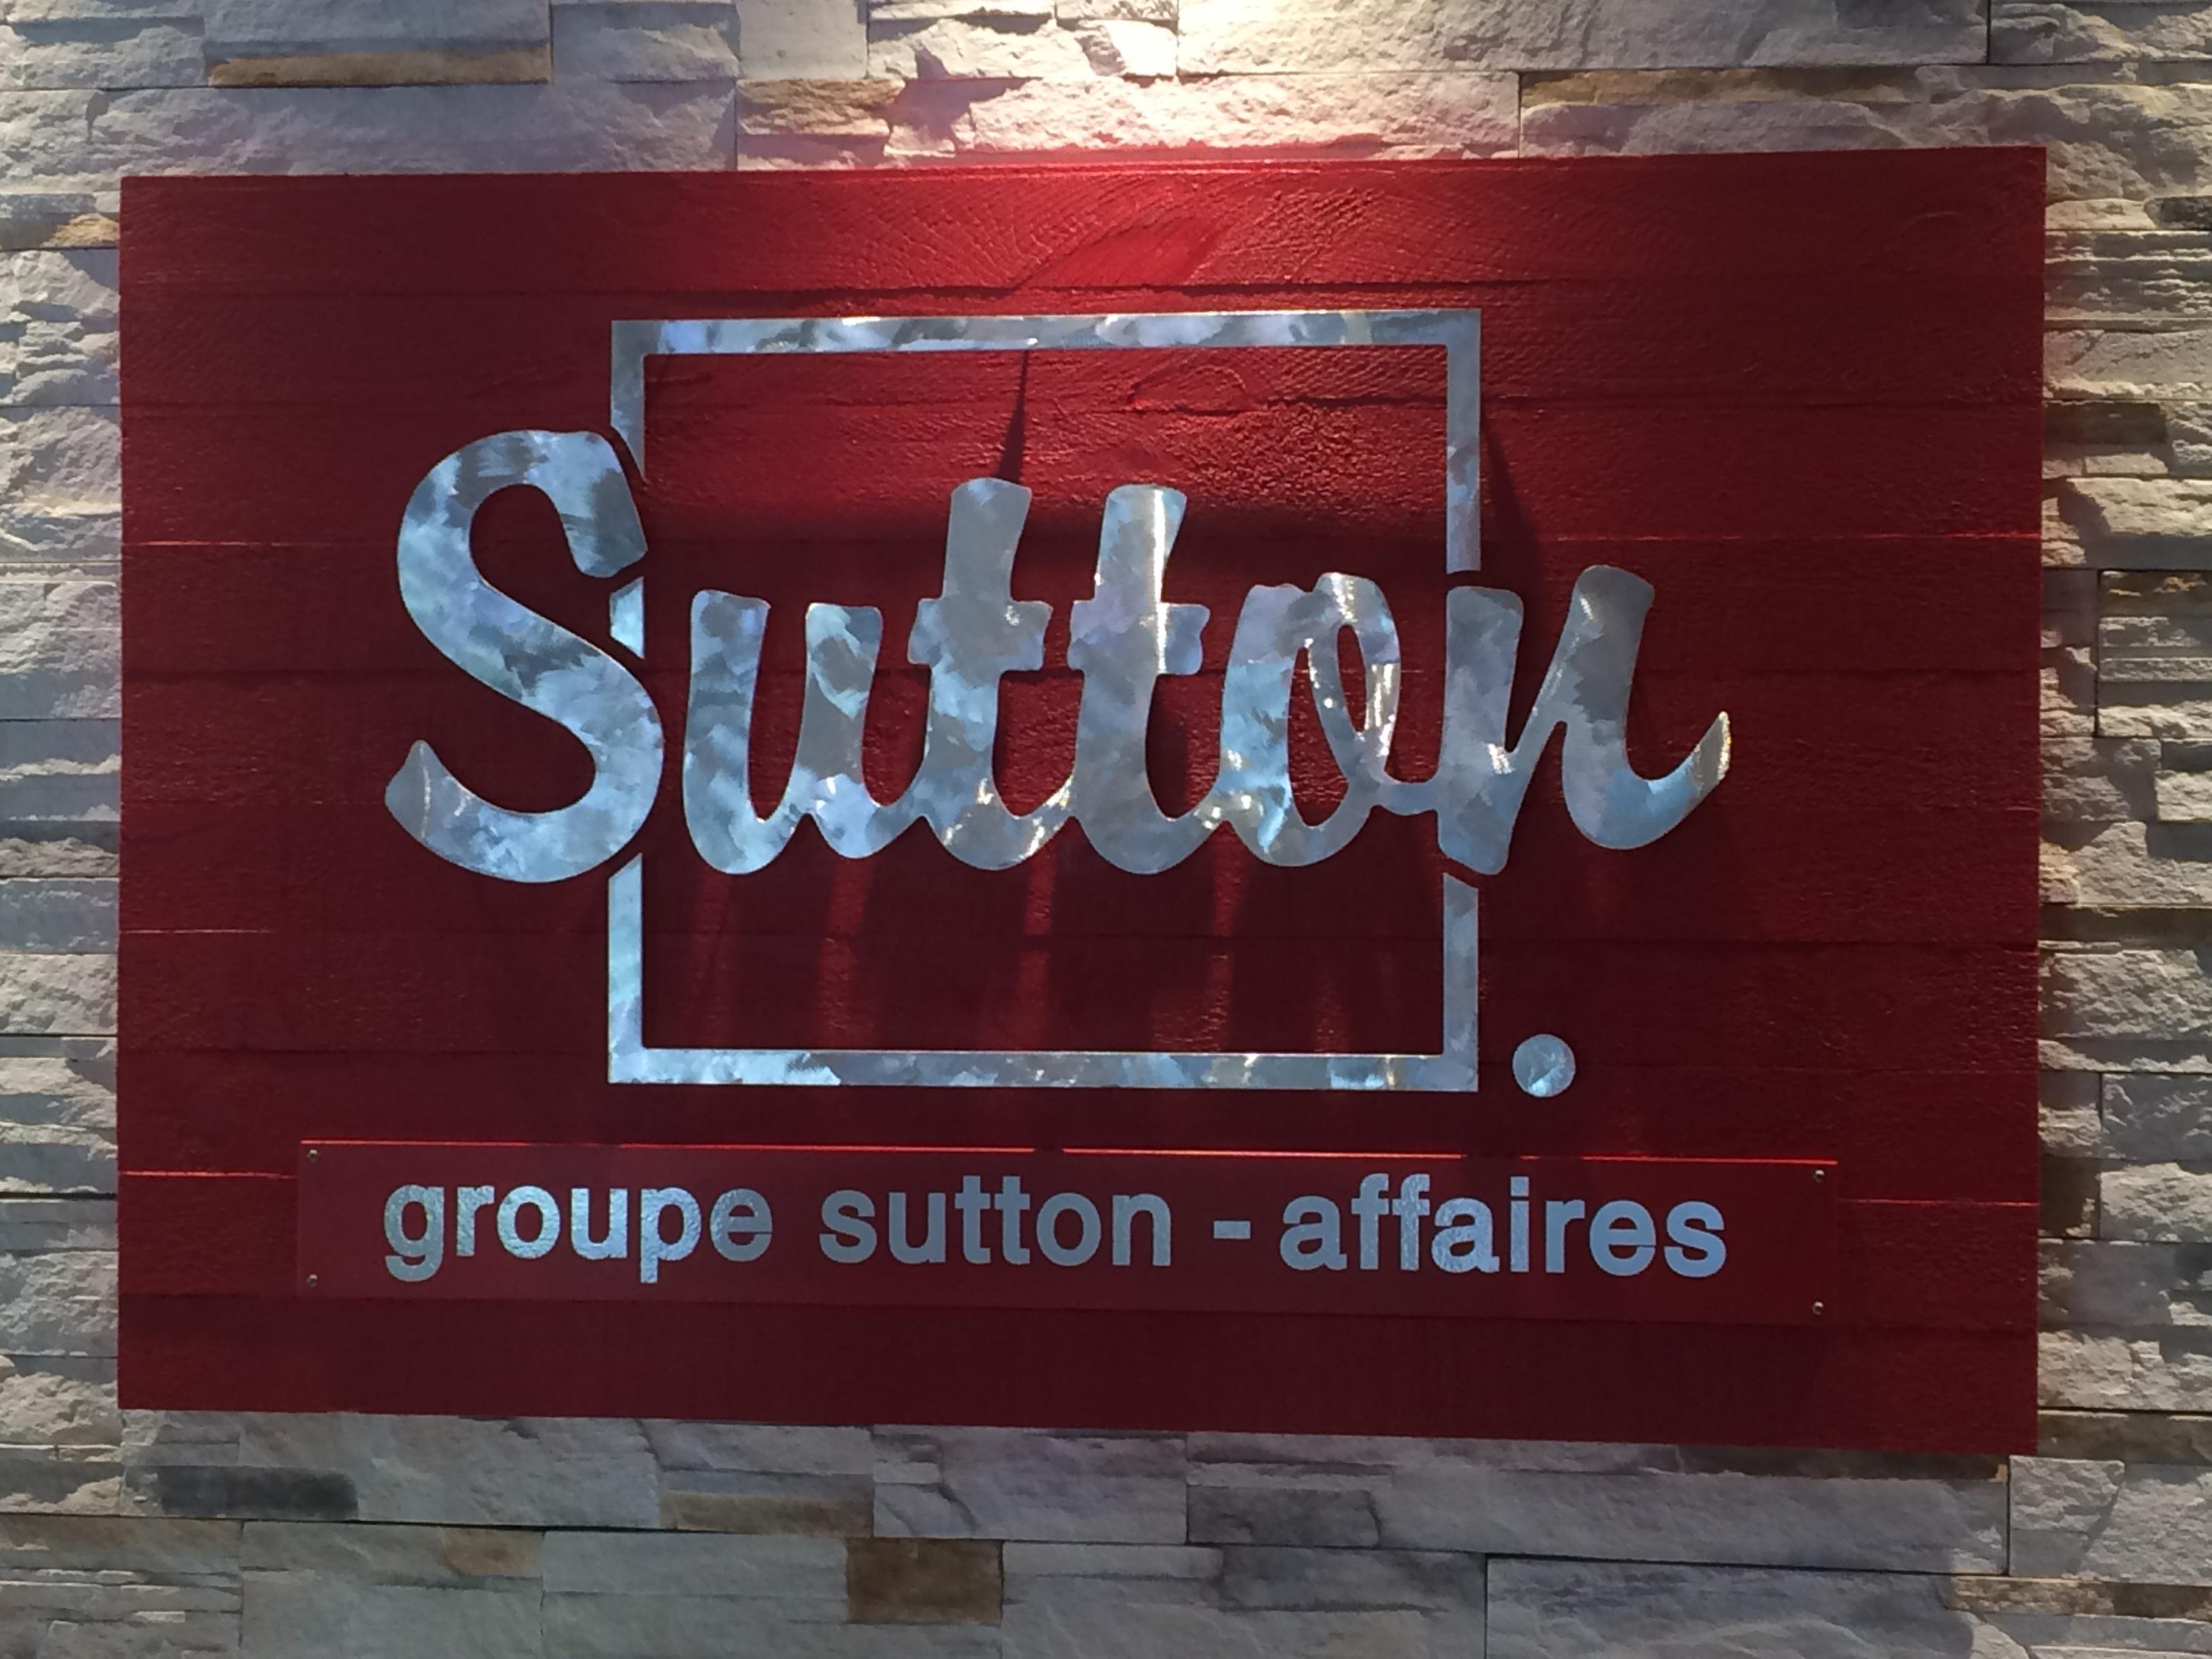 groupe sutton - affaires